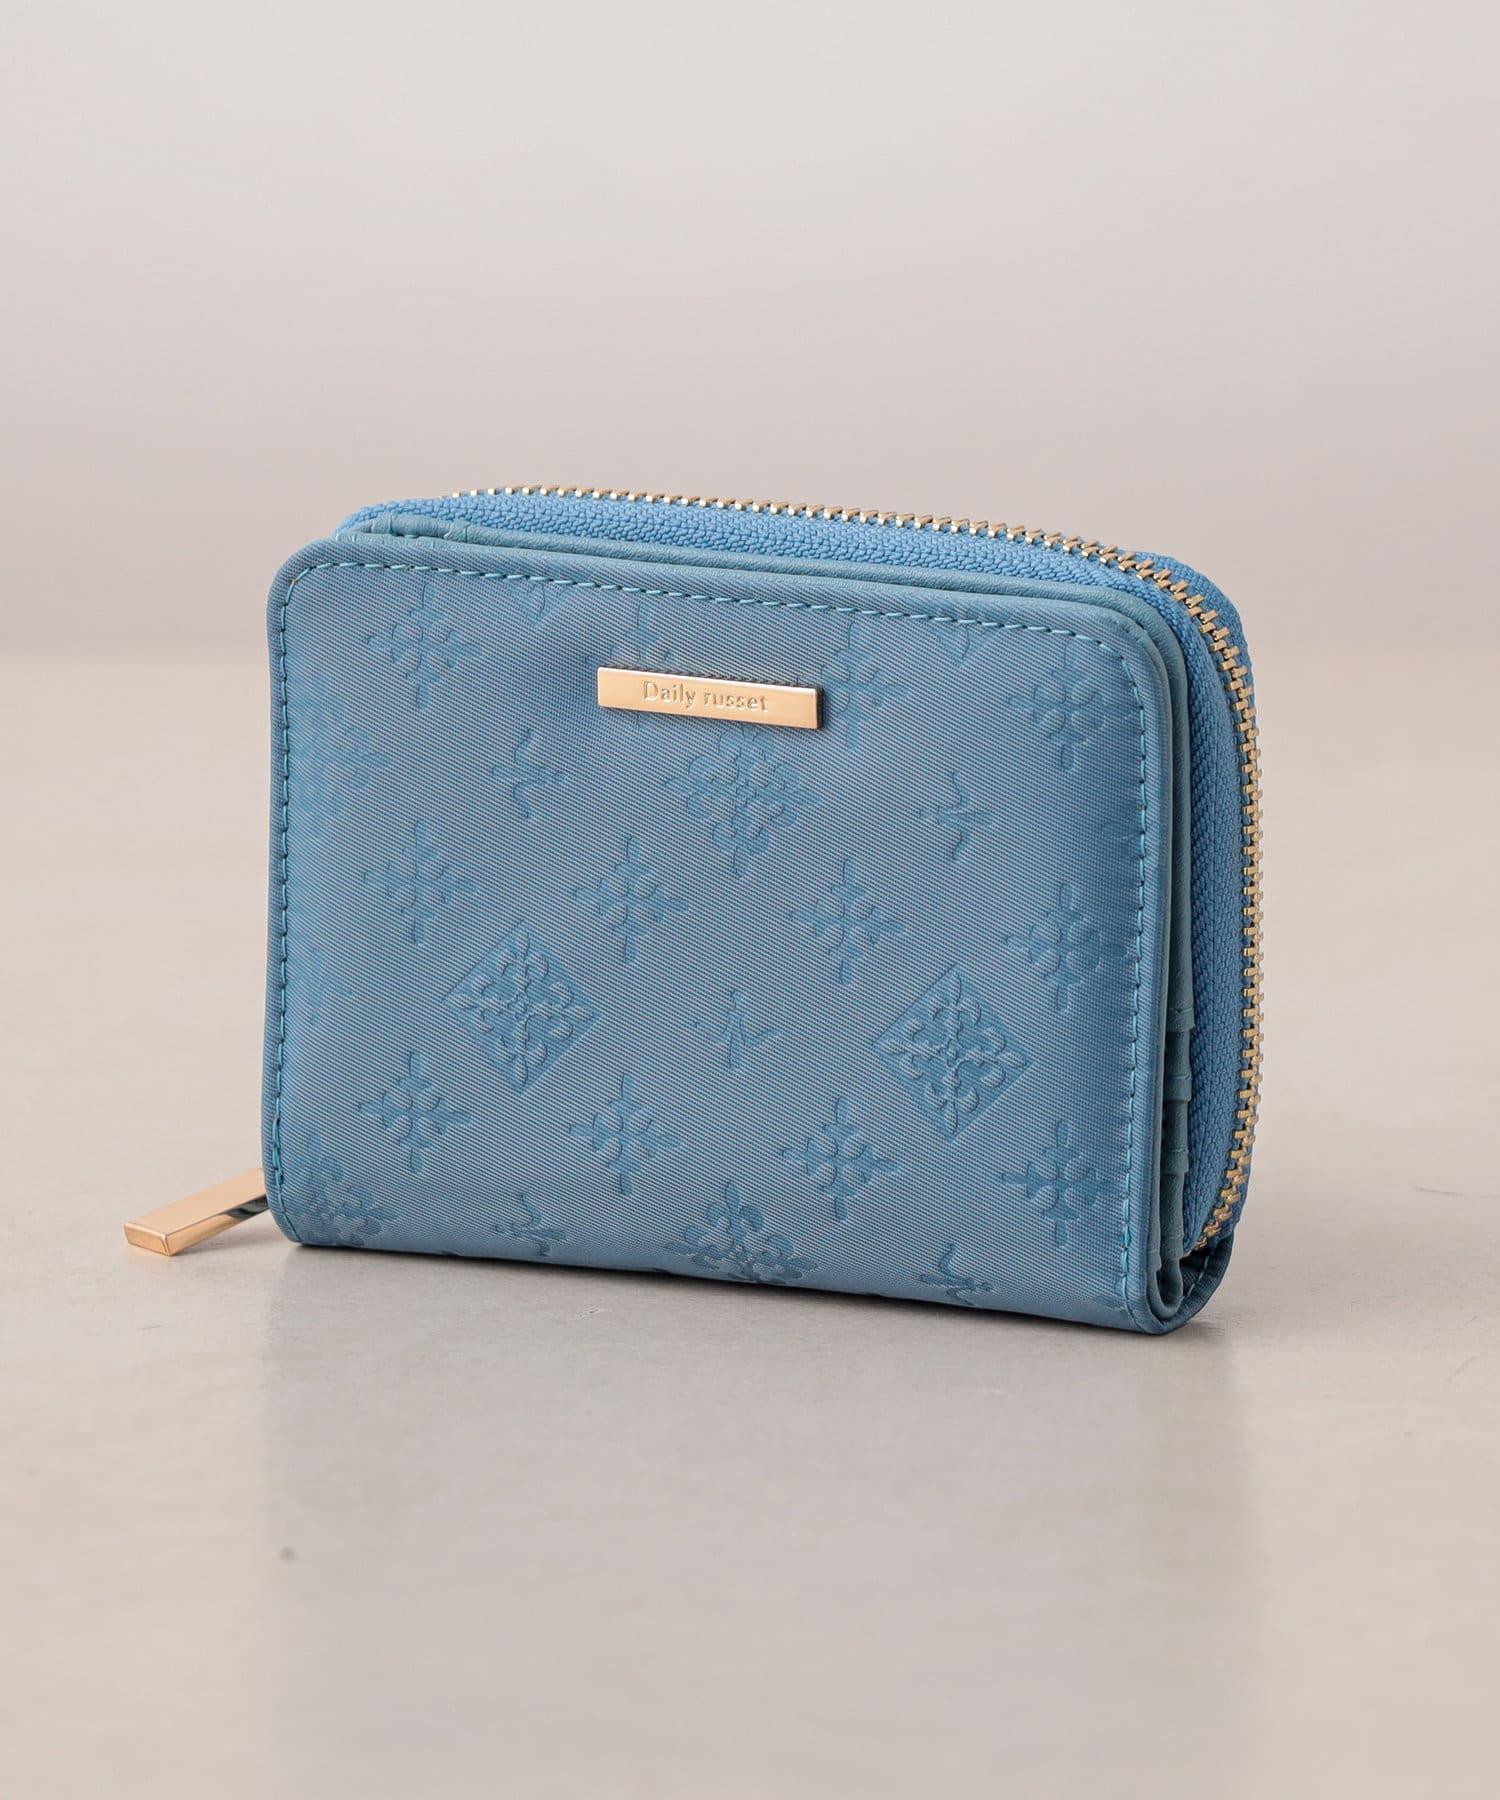 Daily russet(デイリー ラシット) Daily russet(デイリー ラシット) 裏張りナイロン型押し 二つ折り財布 ブルー